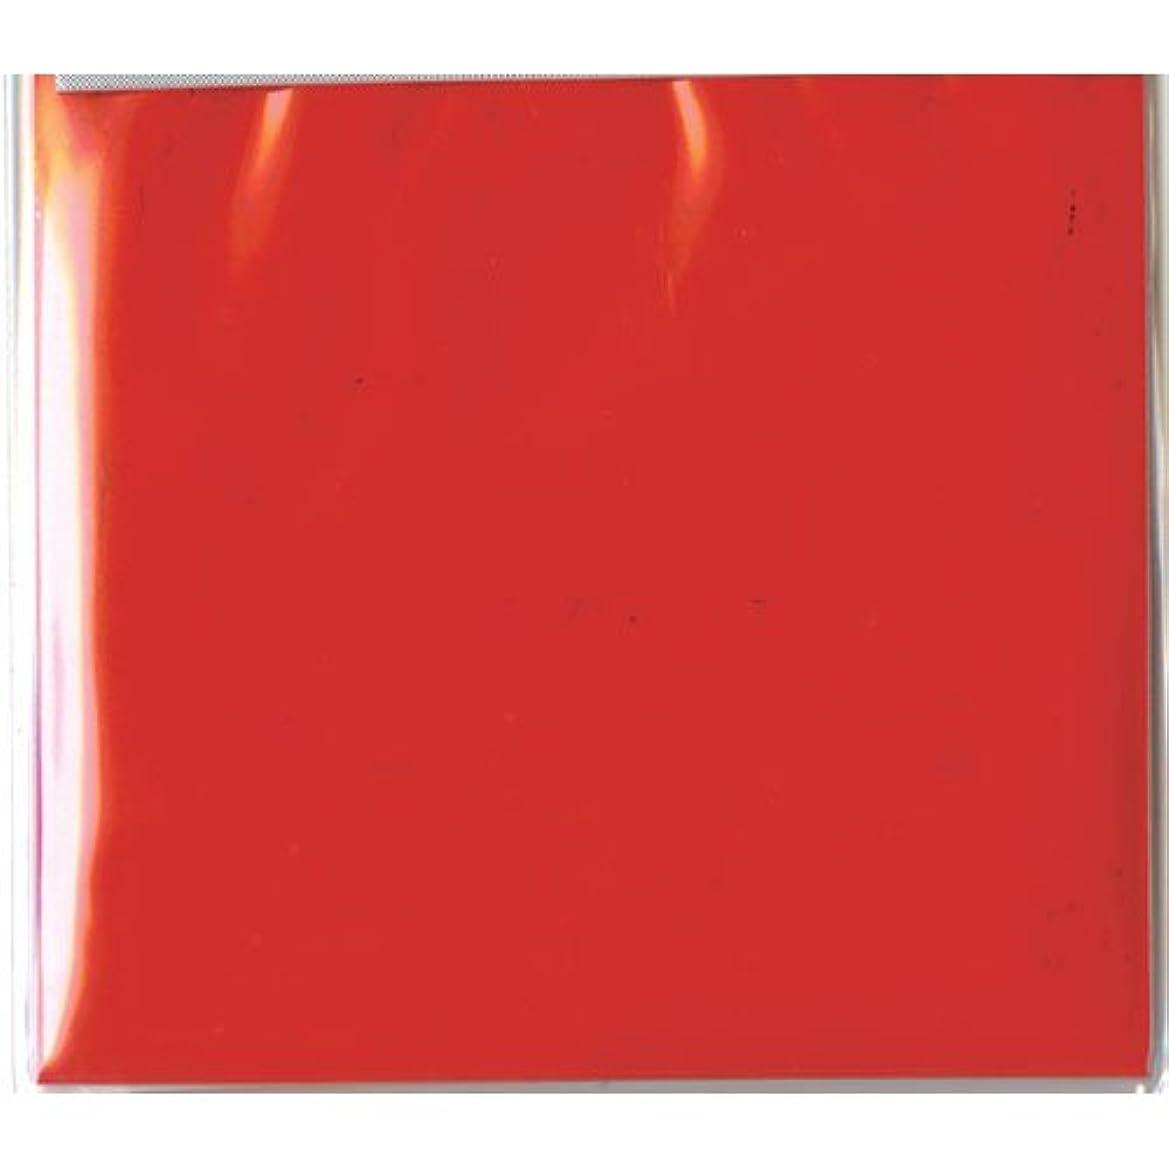 折り目病的貢献するピカエース ネイル用パウダー ピカエース カラーパウダー 透明顔料 #930 チャイニーズレッド 2g アート材